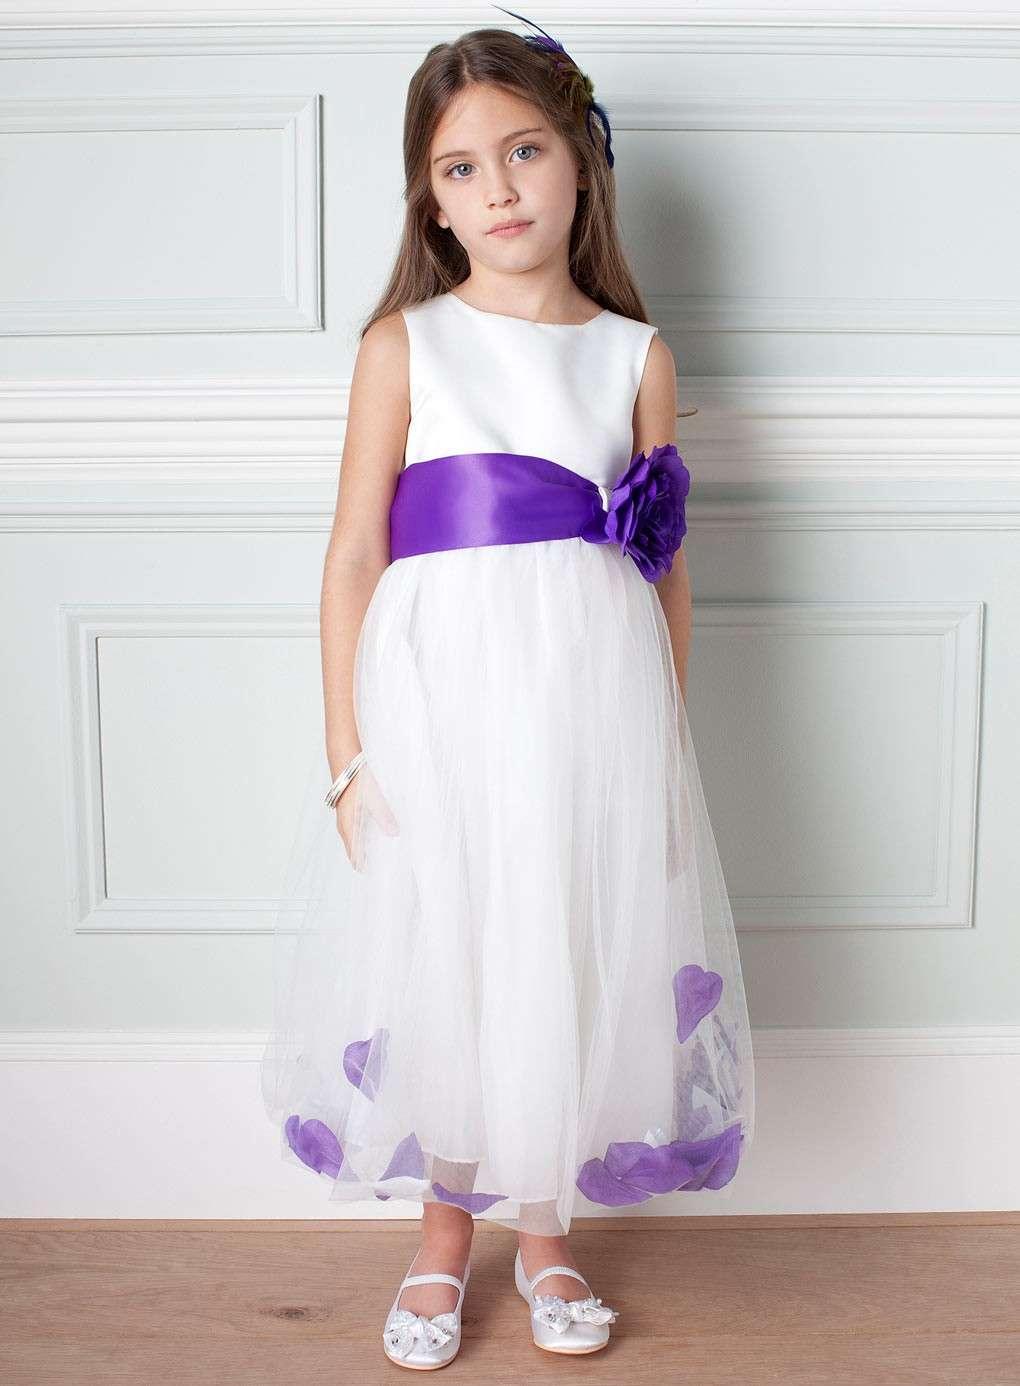 Abiti da cerimonia per bambini: look eleganti per i piccoli [FOTO]